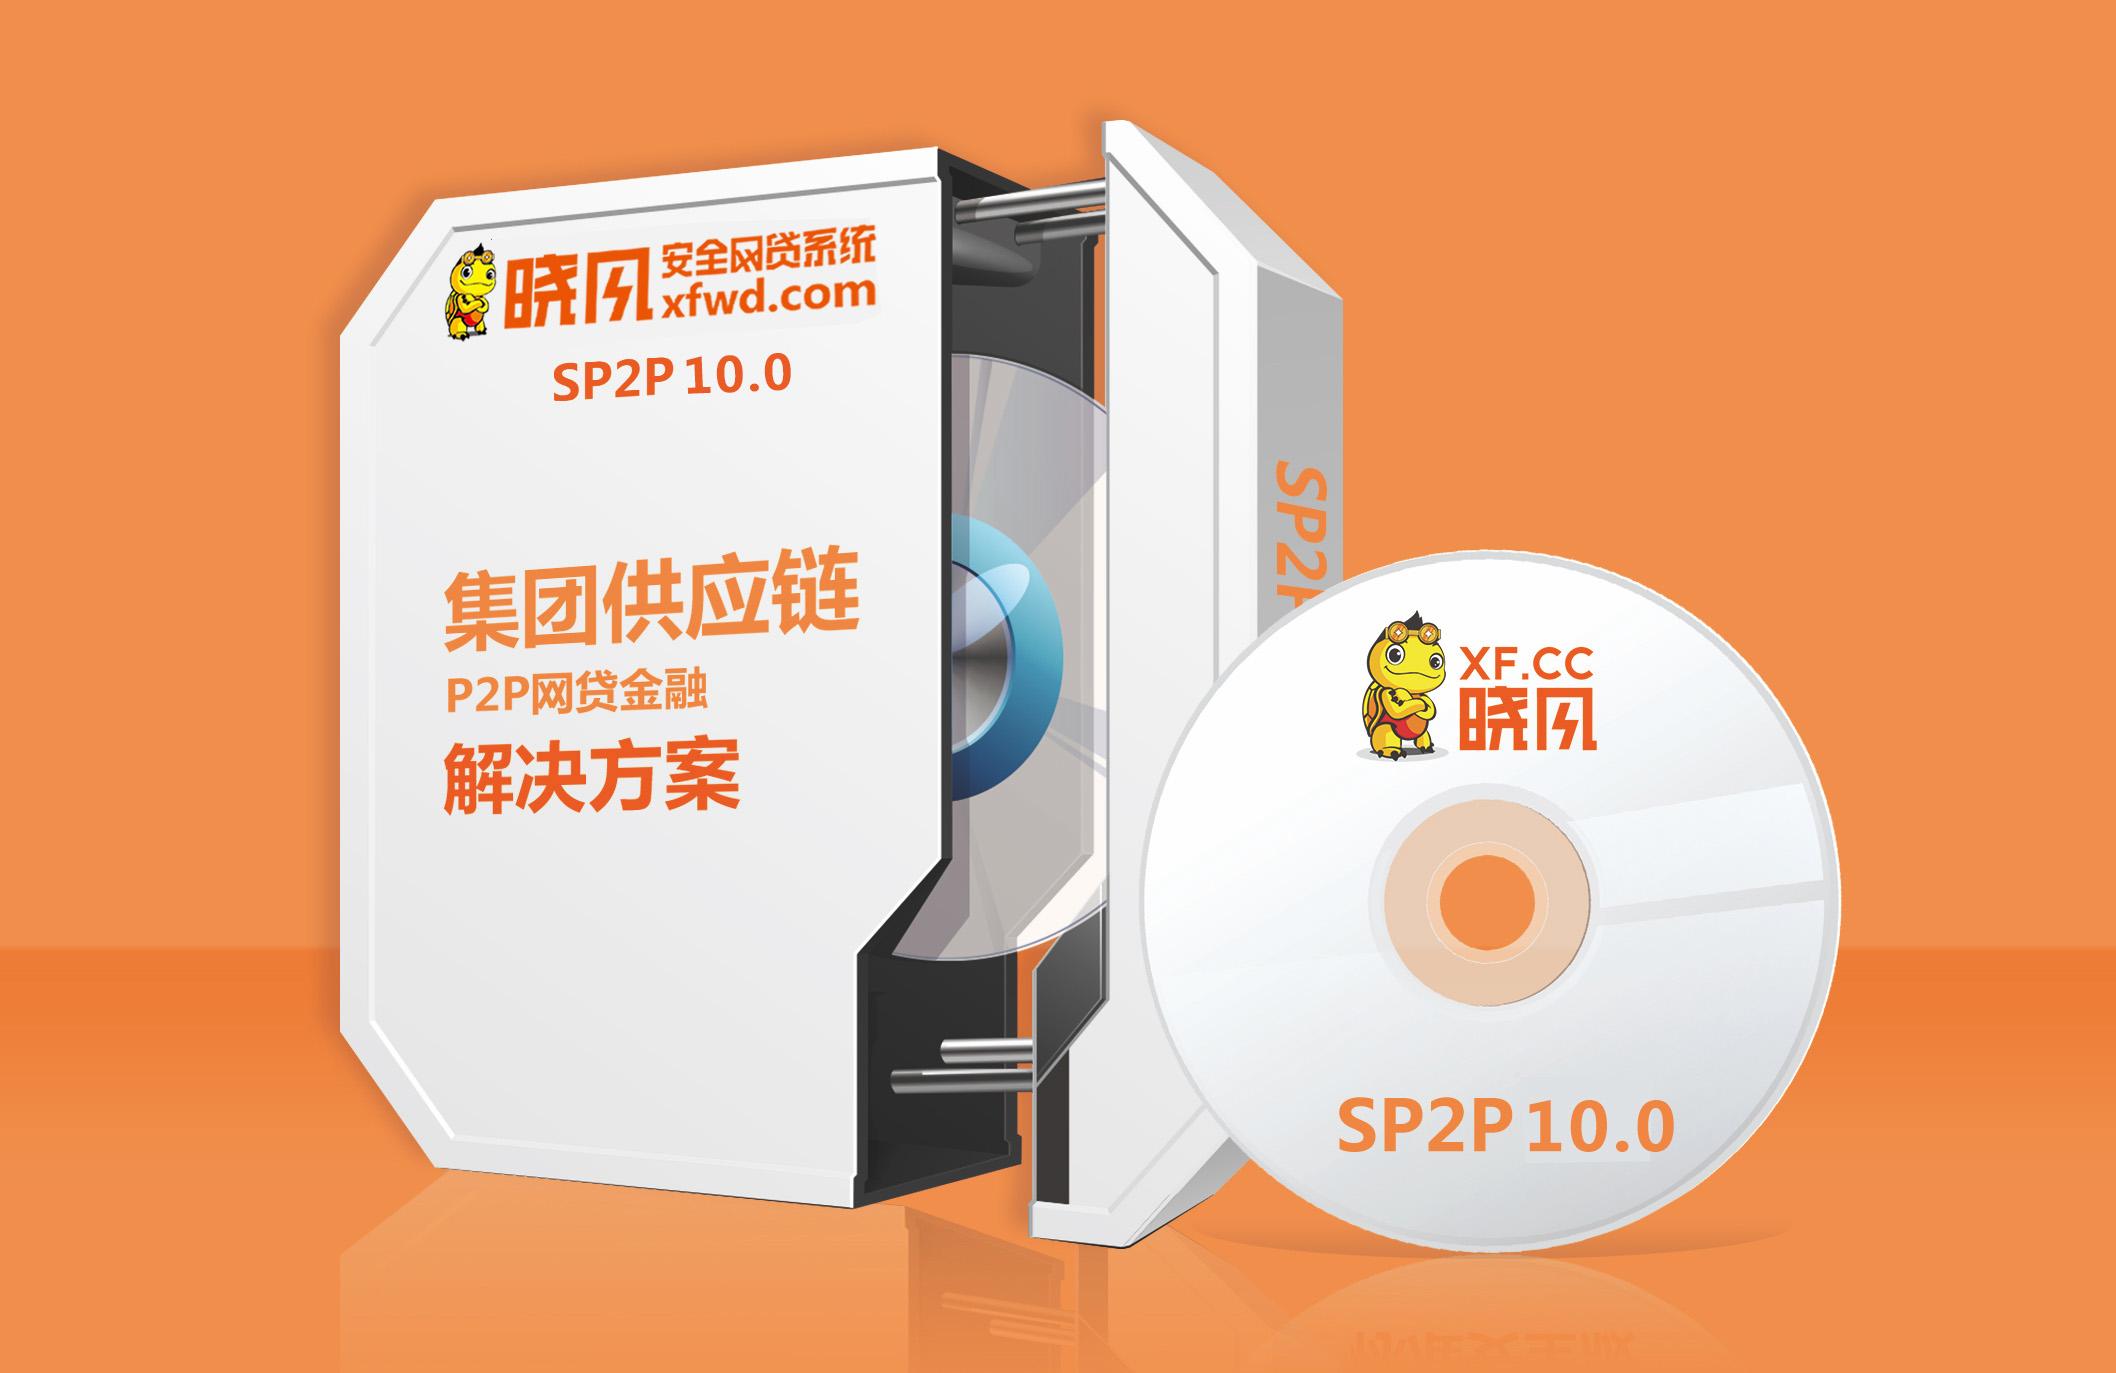 集团供应链P2P网贷金融解决方案